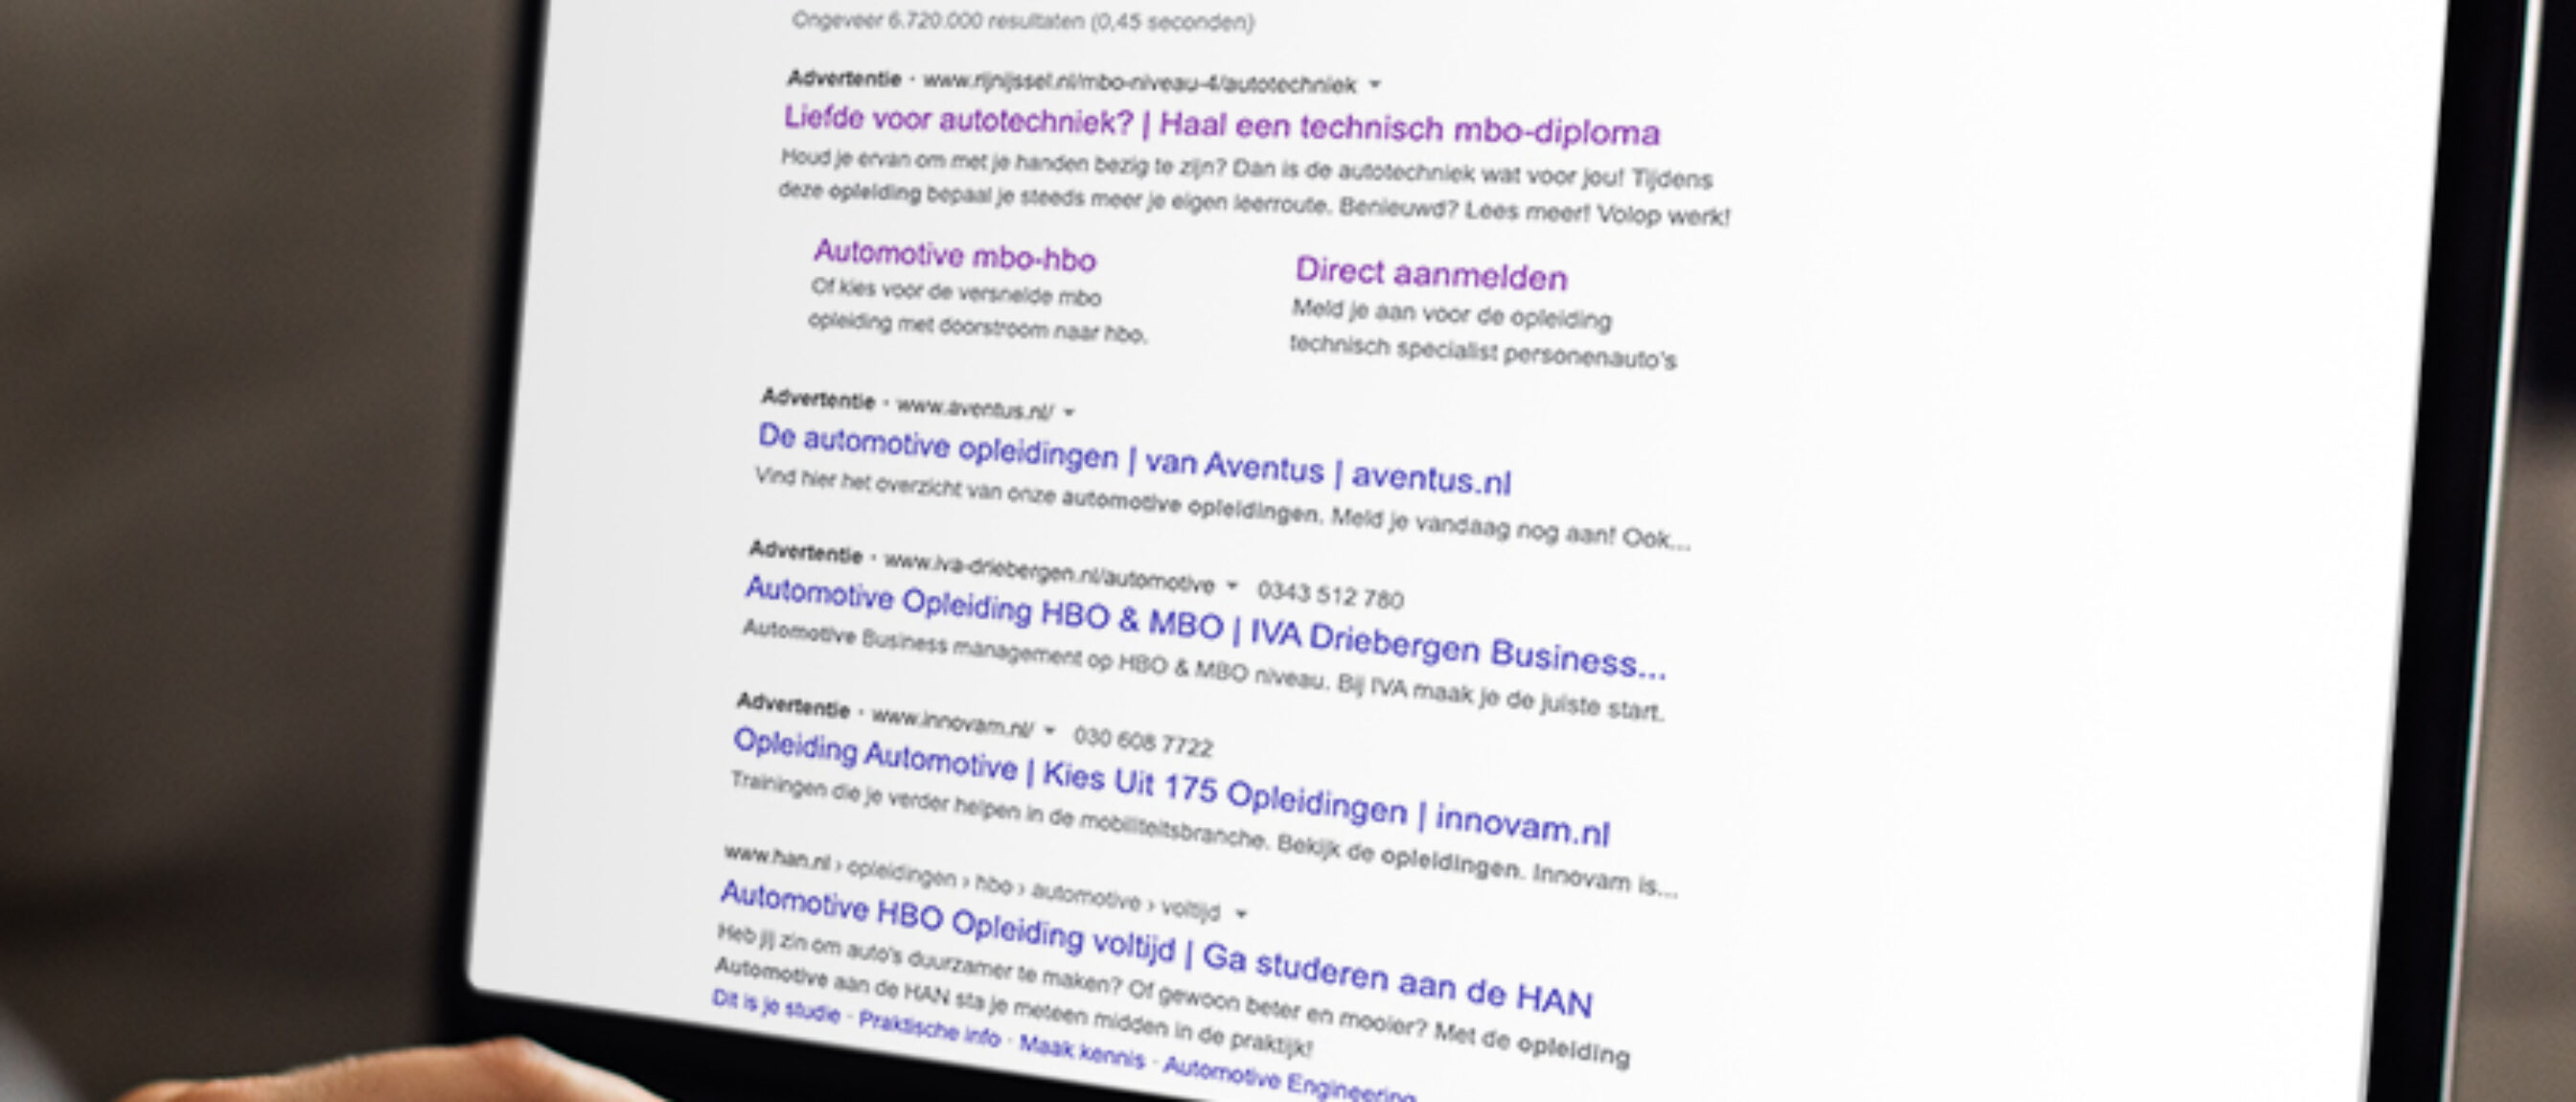 Google Ads advertentievoorbeeld